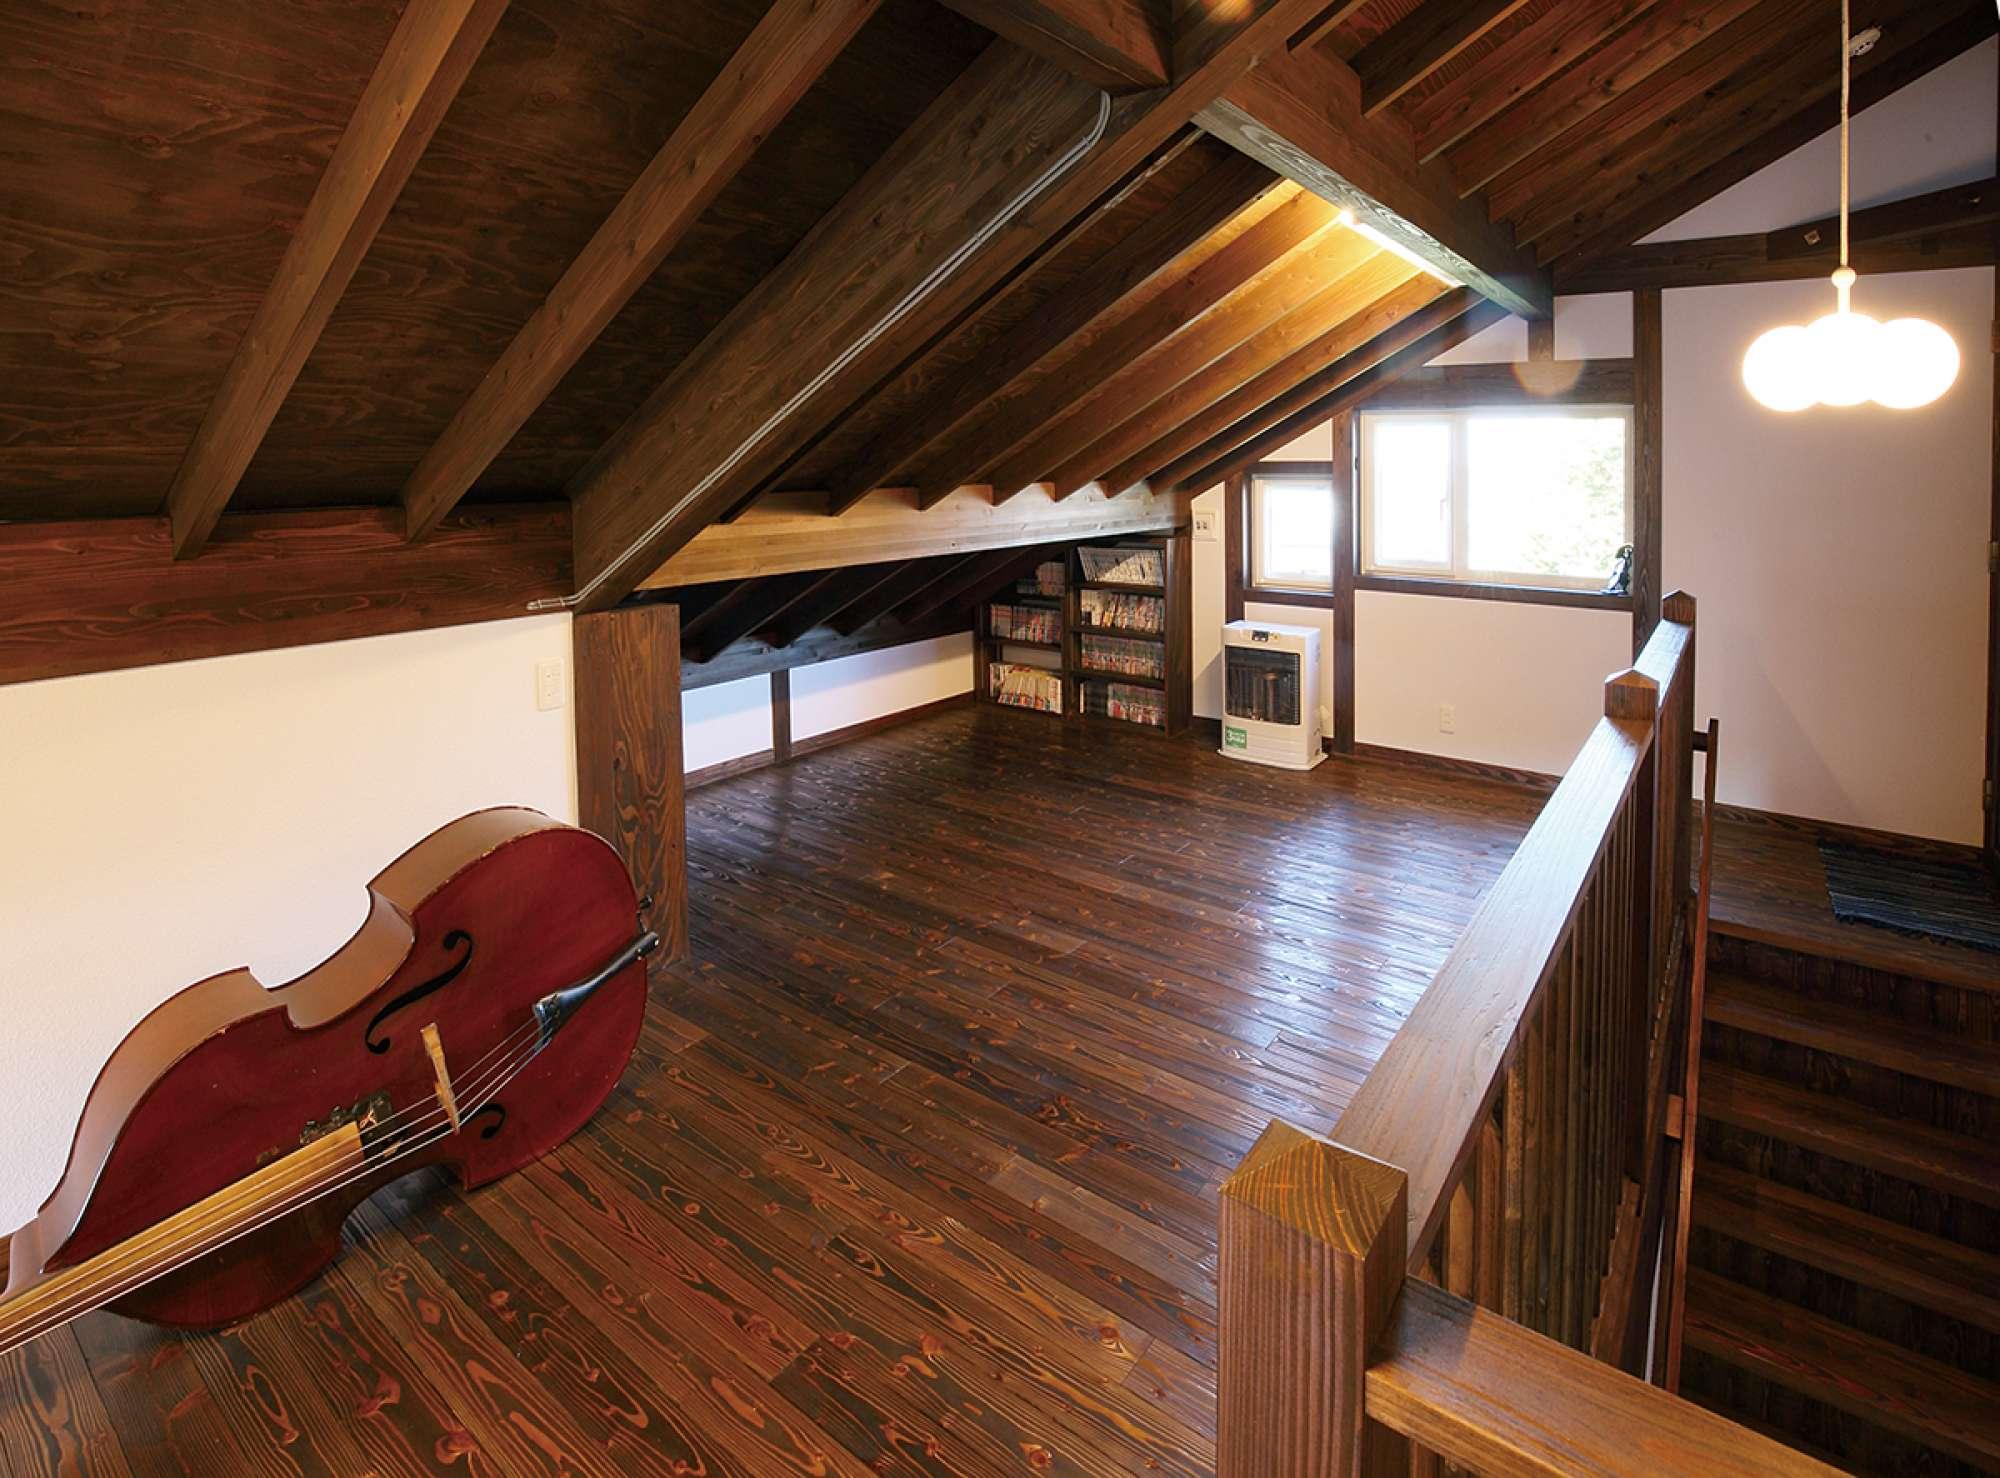 浮造りフローリングと表し天井が印象的な2階フリースペース -  -  -